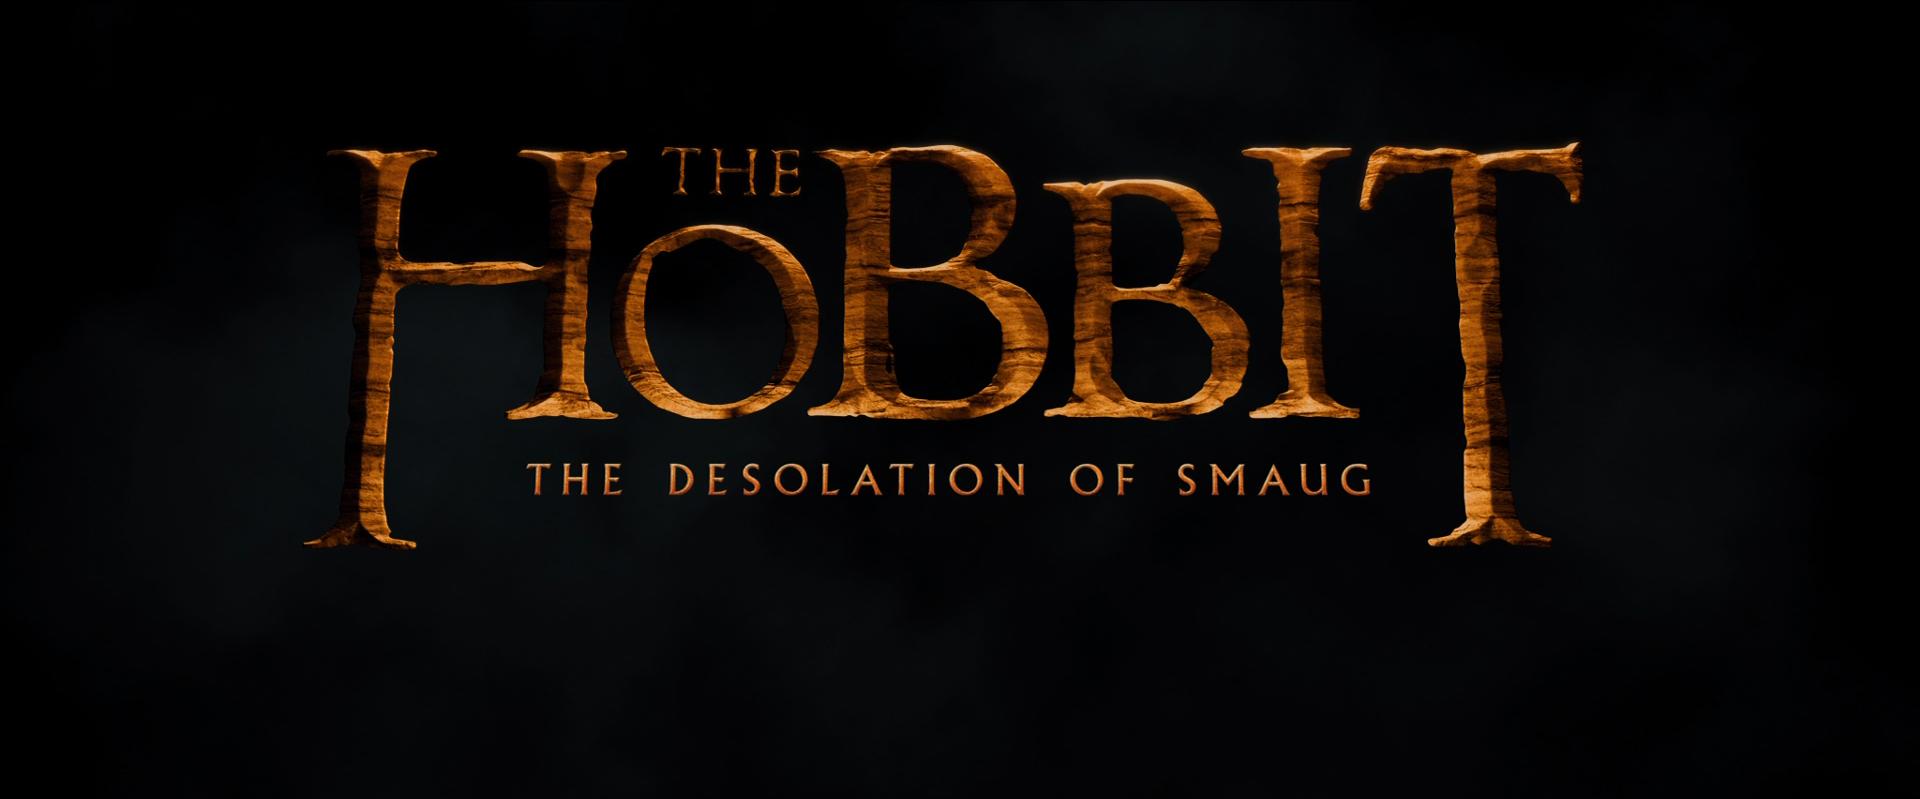 title card | Hobbit Movie News...